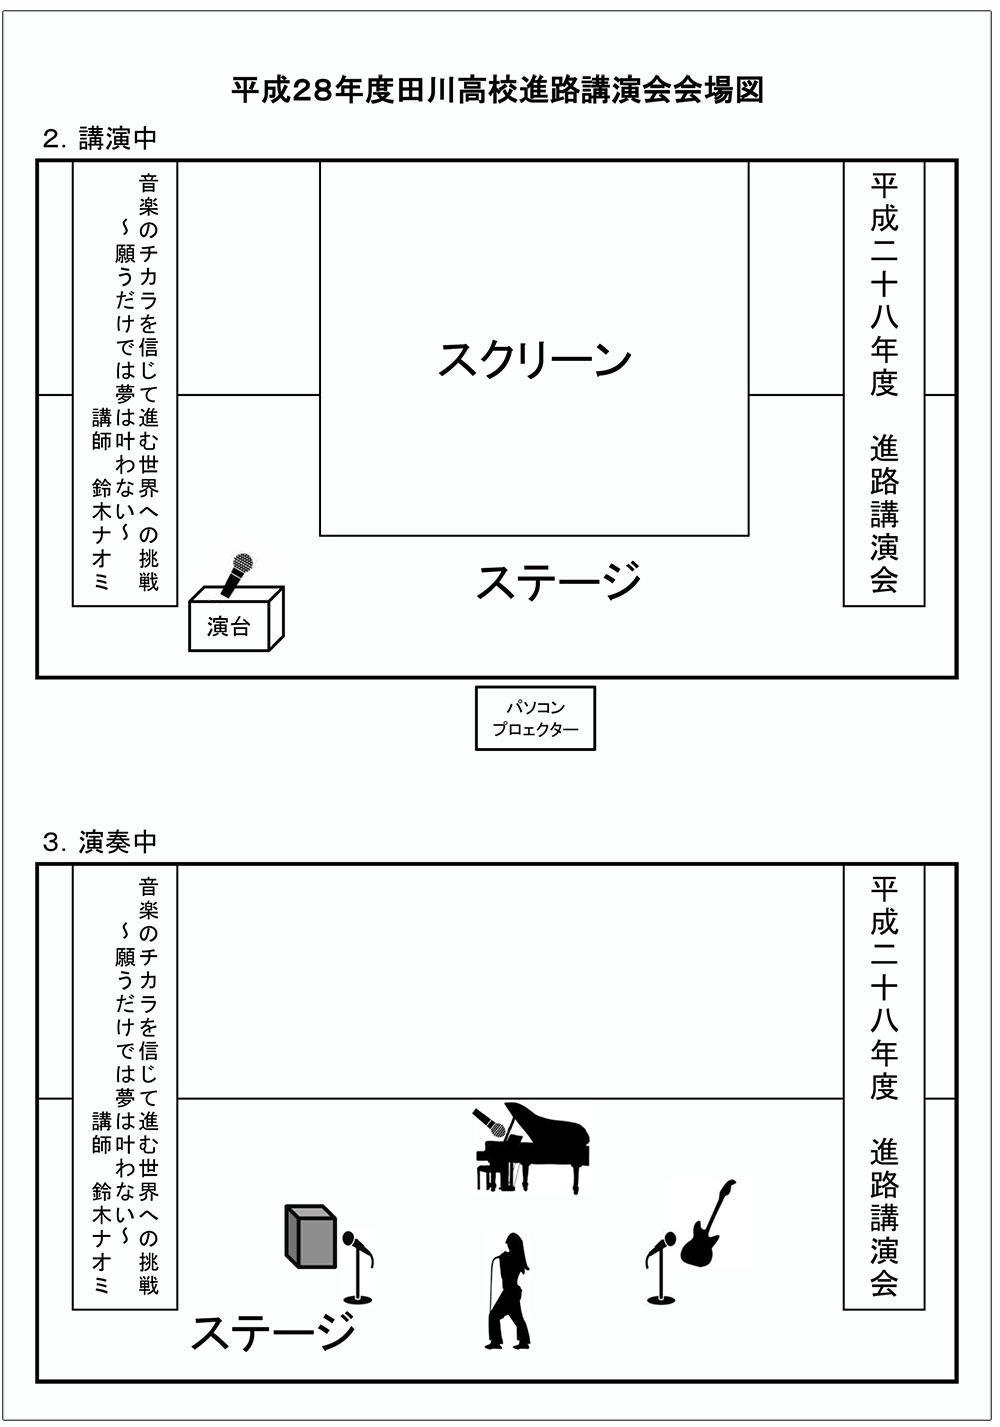 進路講演会会場図2